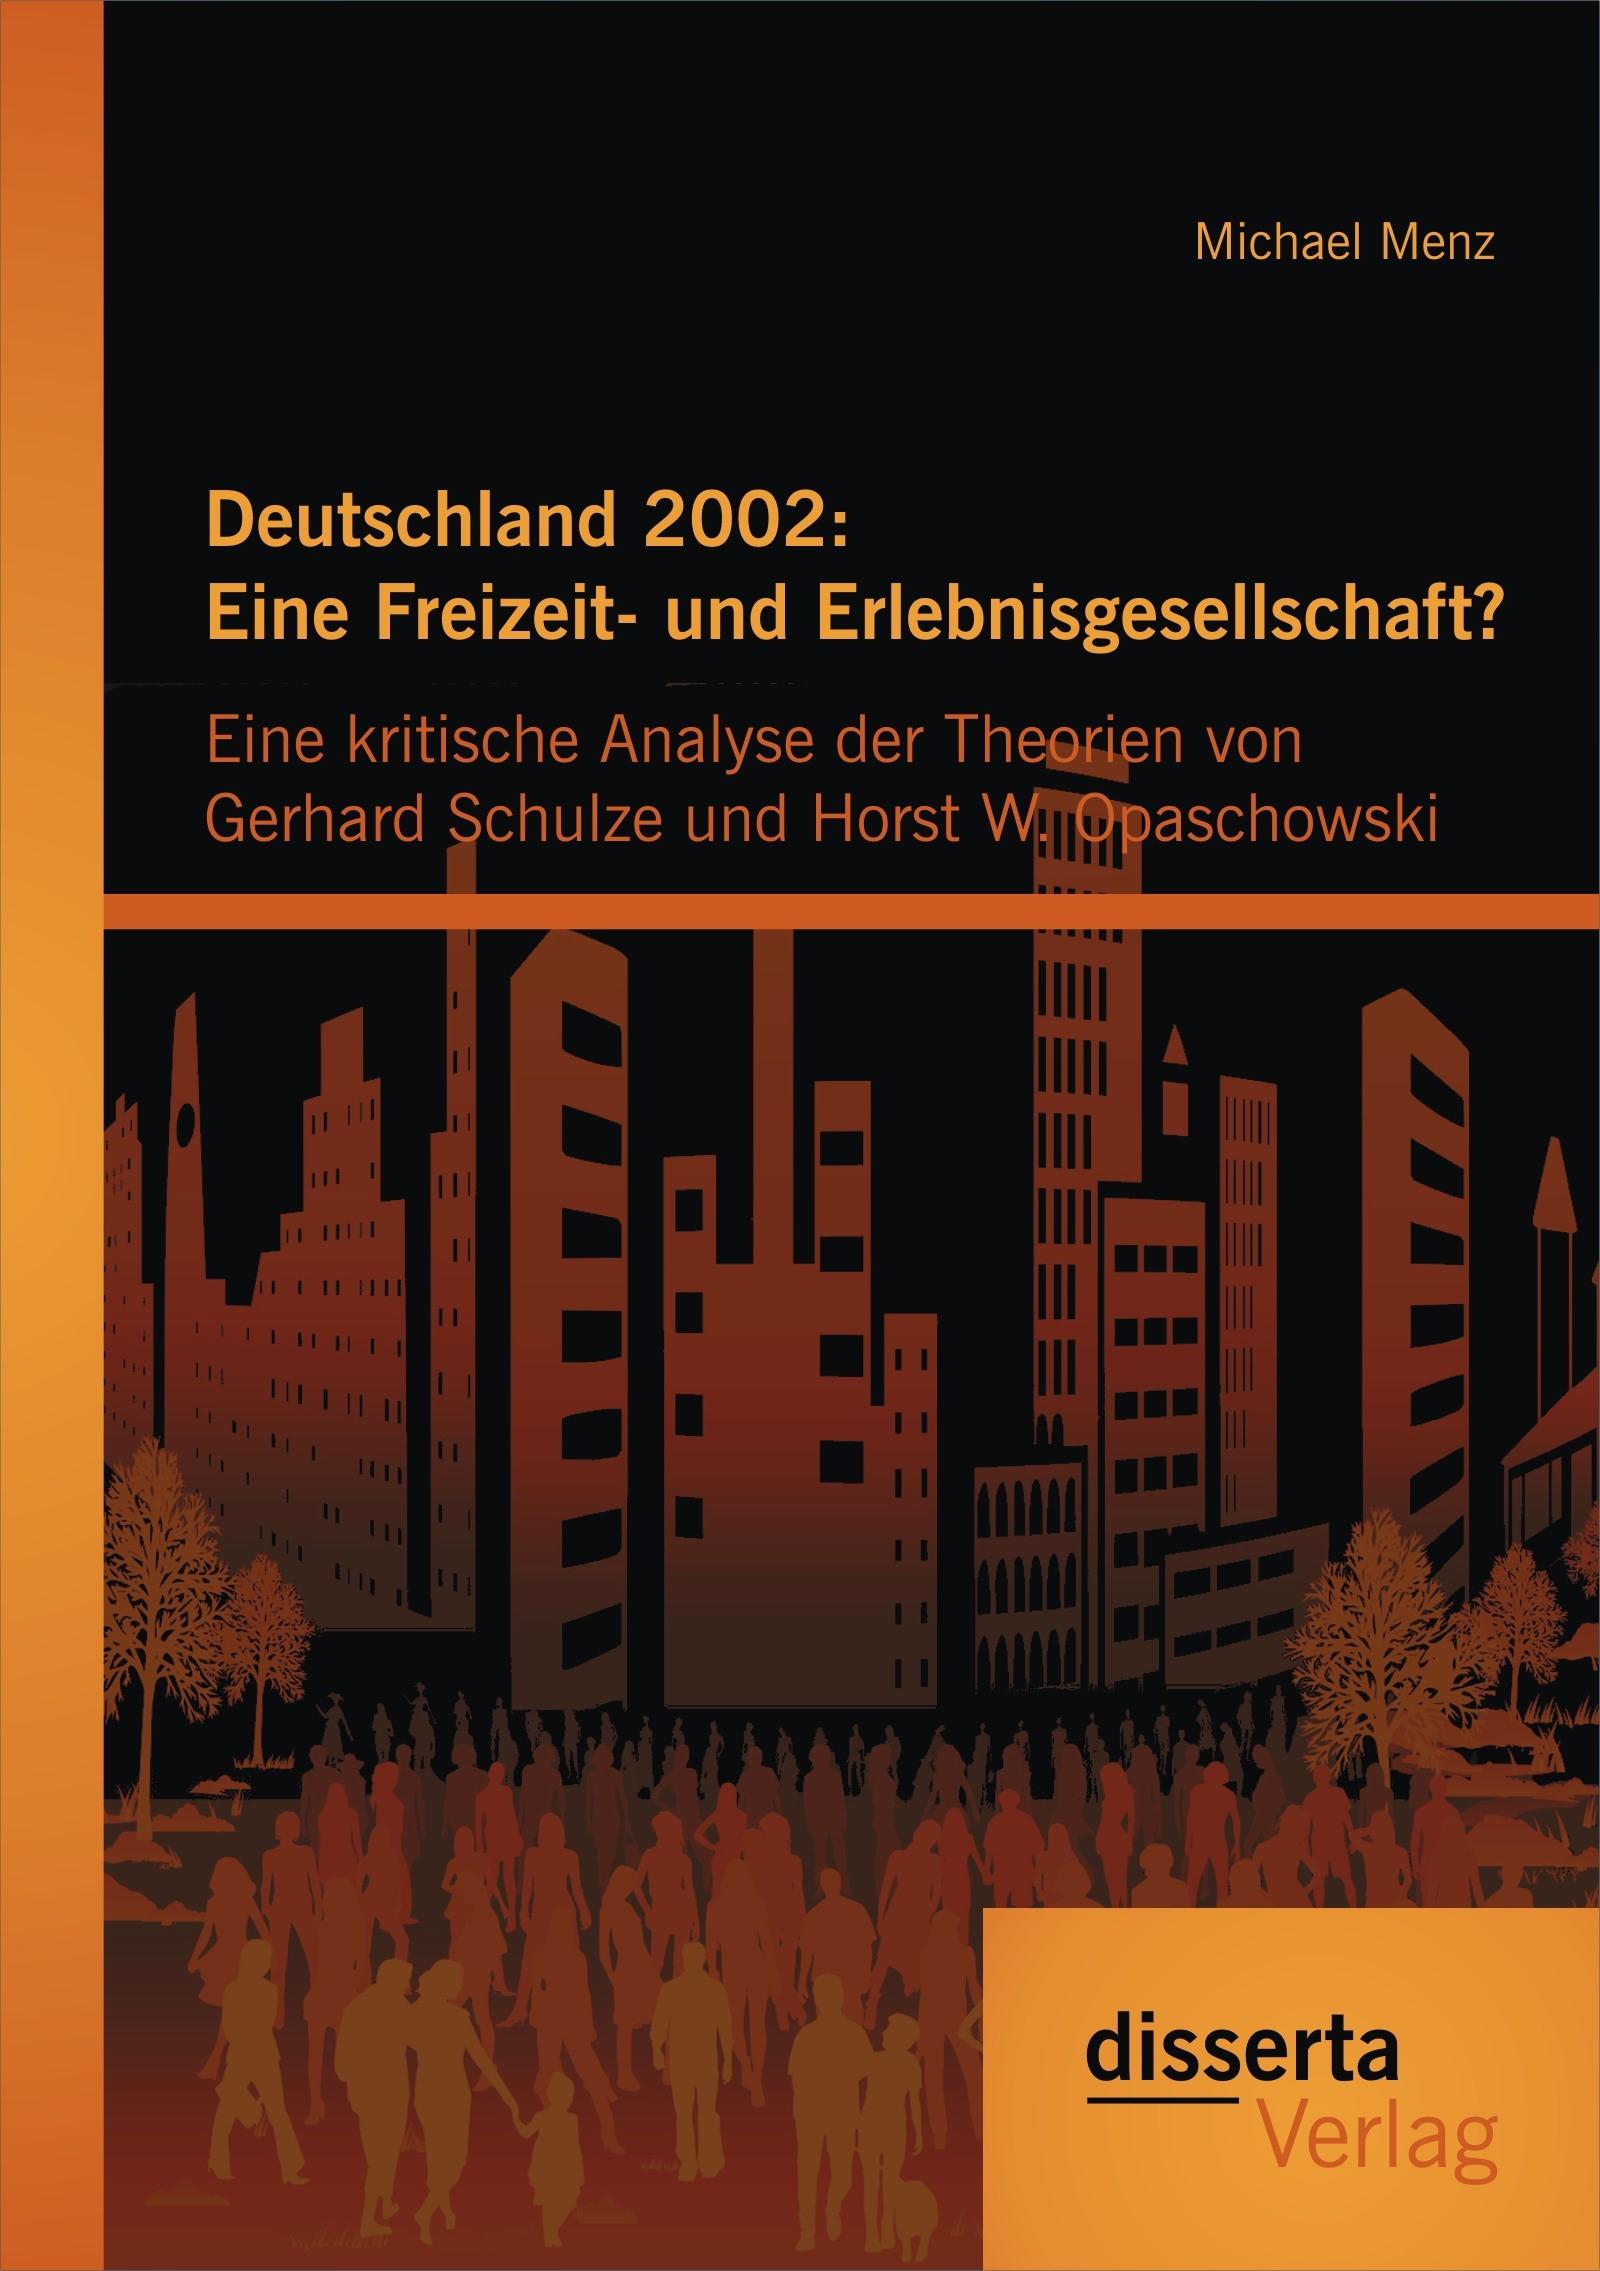 Abbildung von Menz   Deutschland 2002: Eine Freizeit- und Erlebnisgesellschaft? Eine kritische Analyse der Theorien von Gerhard Schulze und Horst W. Opaschowski   2014